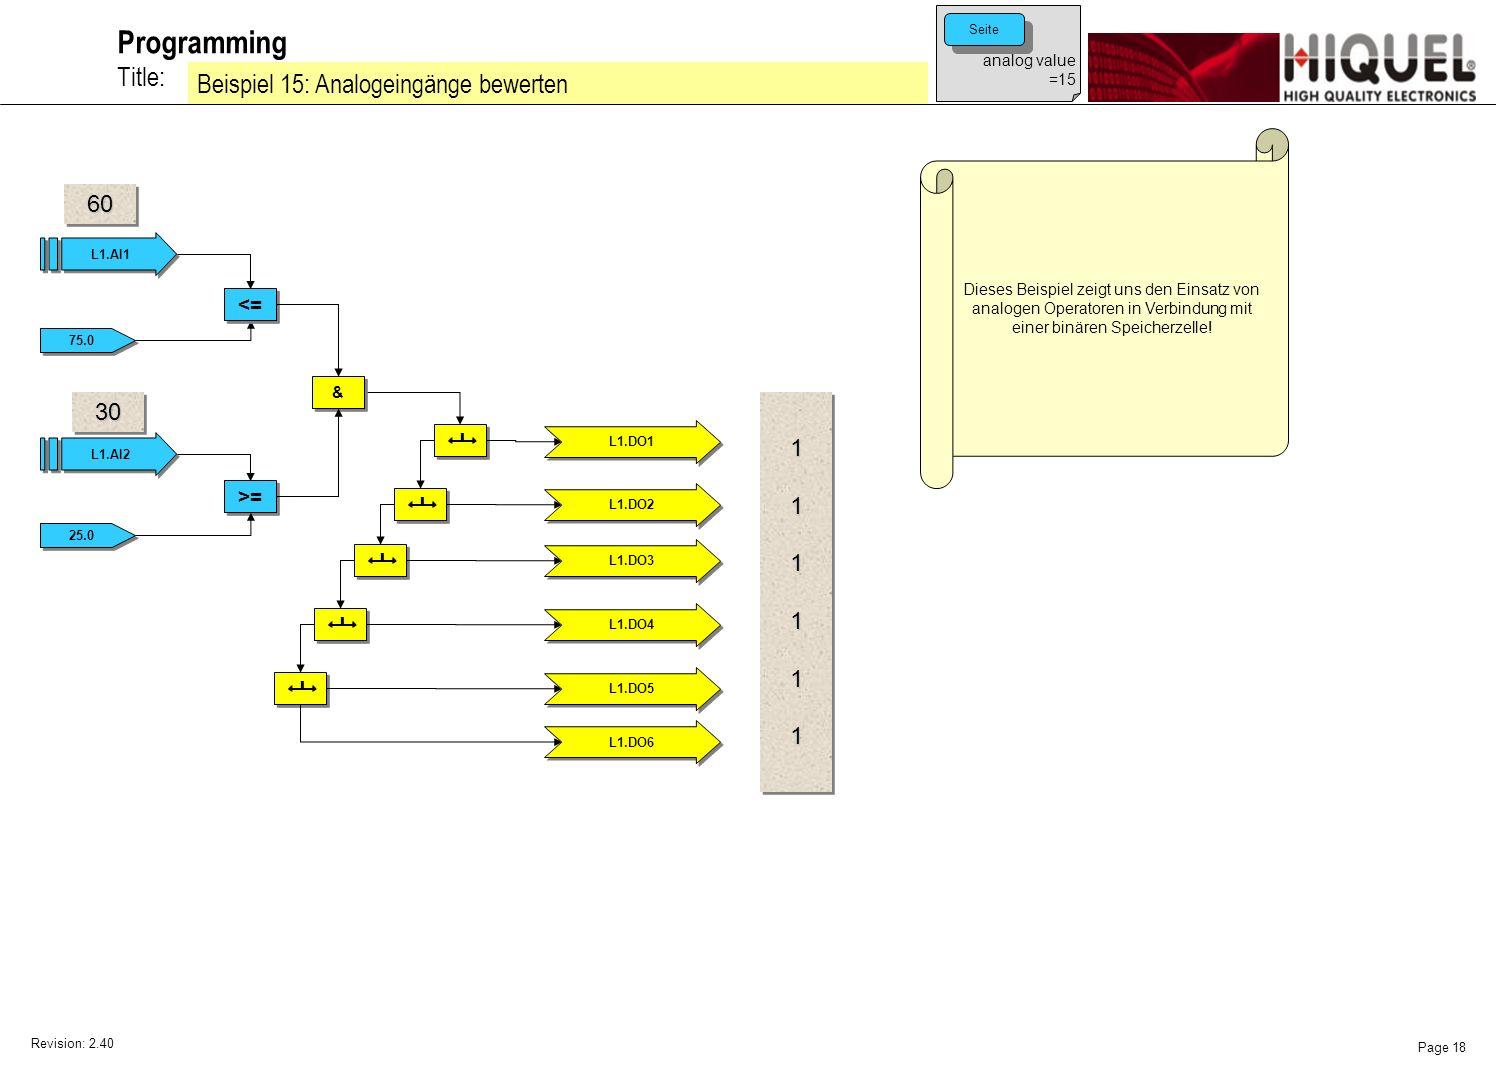 Revision: 2.40 Page 18 Title: Programming Beispiel 15: Analogeingänge bewerten Dieses Beispiel zeigt uns den Einsatz von analogen Operatoren in Verbindung mit einer binären Speicherzelle.